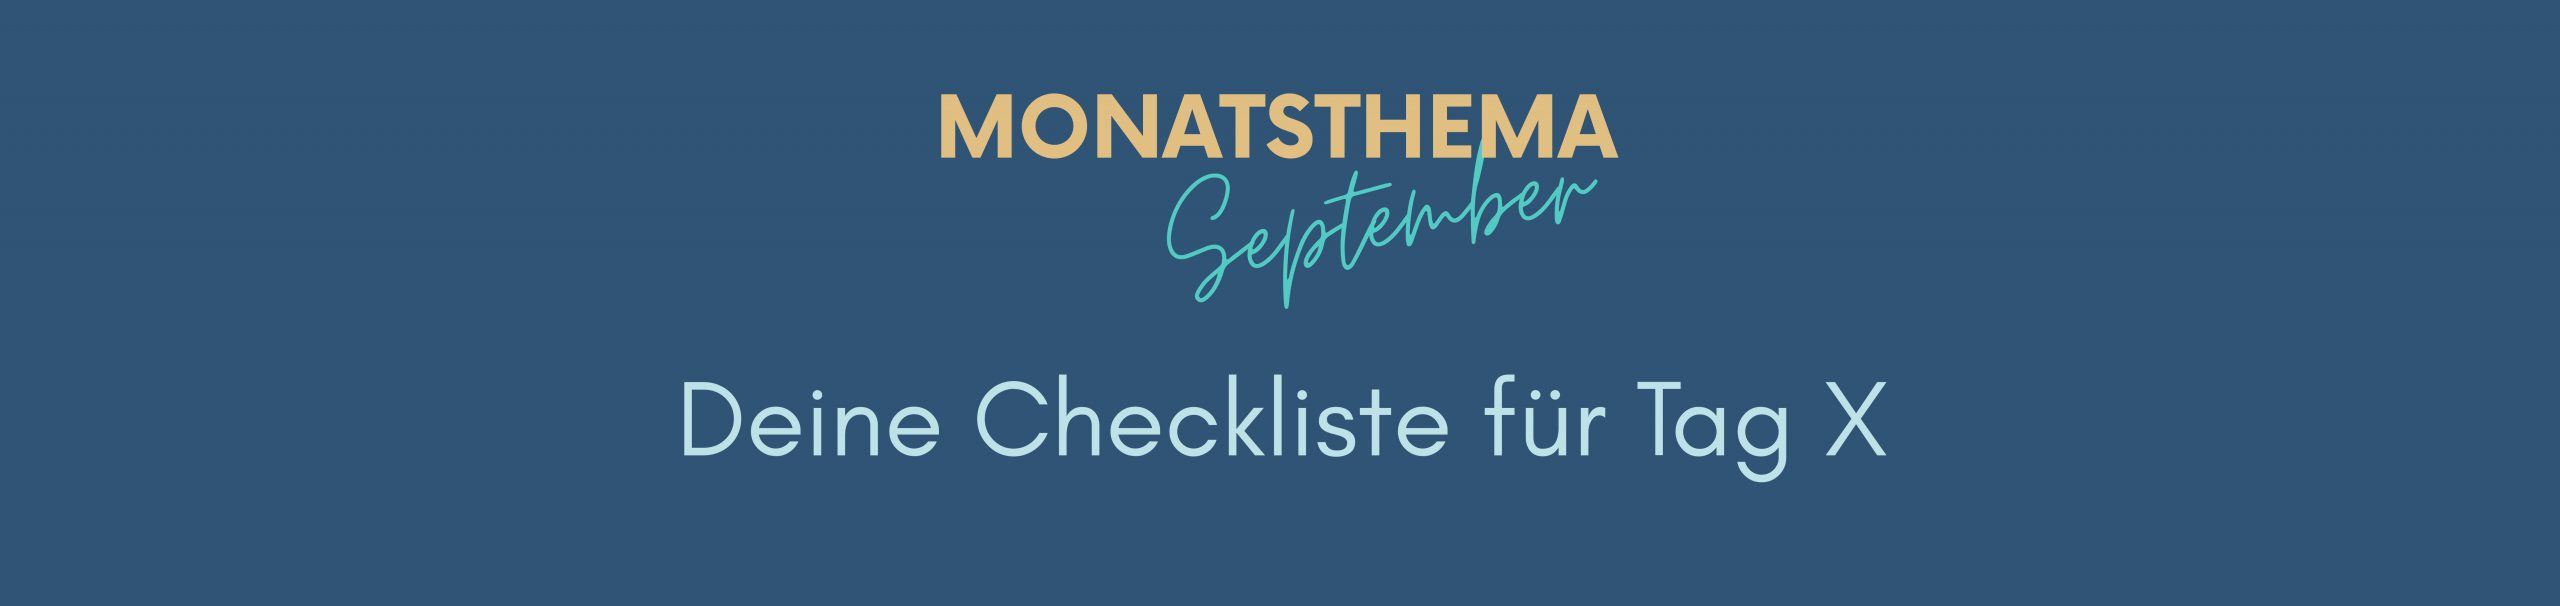 blauer Hintergrund mit Text: Monatsthema September, Deine Checkliste für Tag X